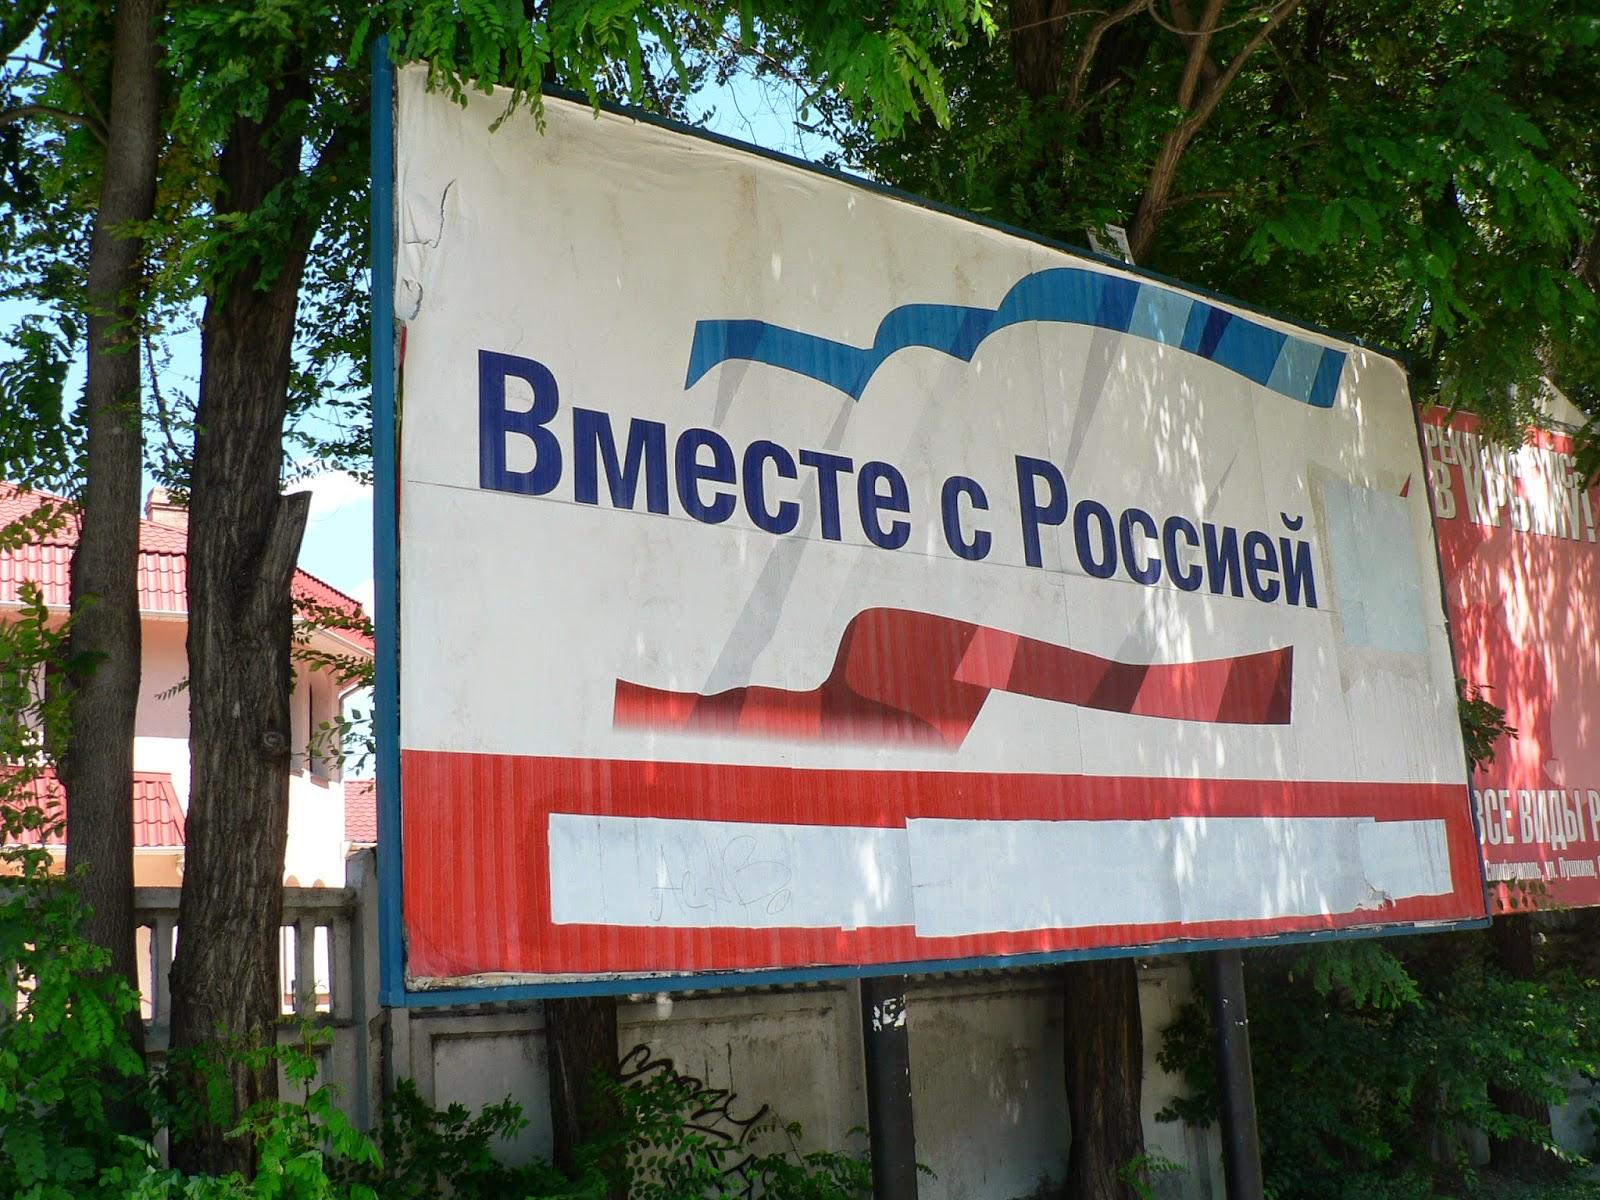 Вместе_с_Россией